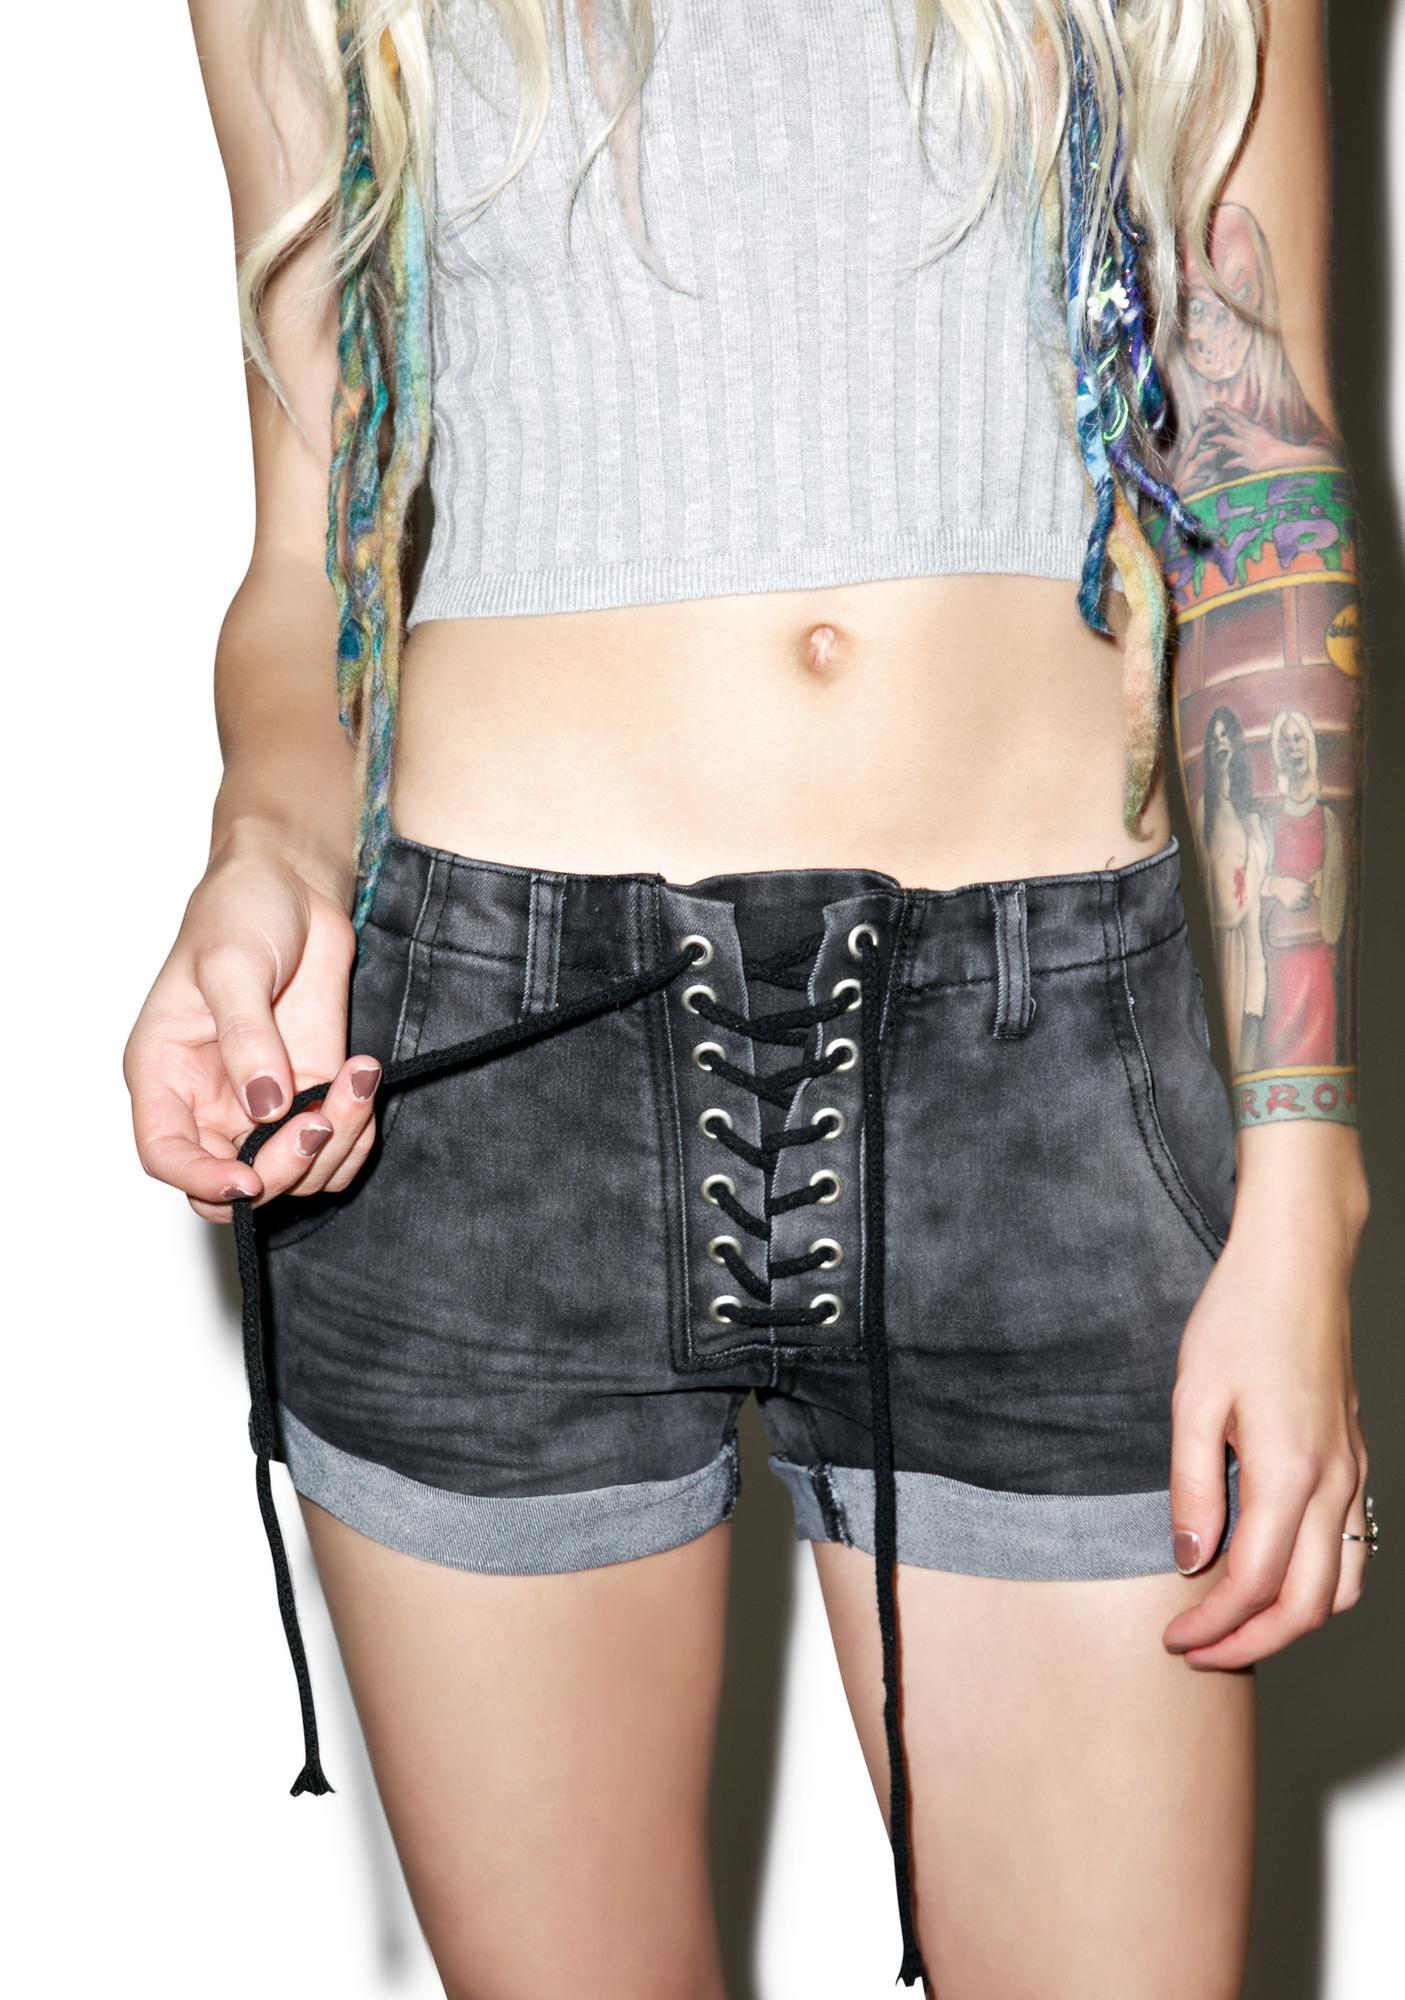 Brawler Lace Up Shorts